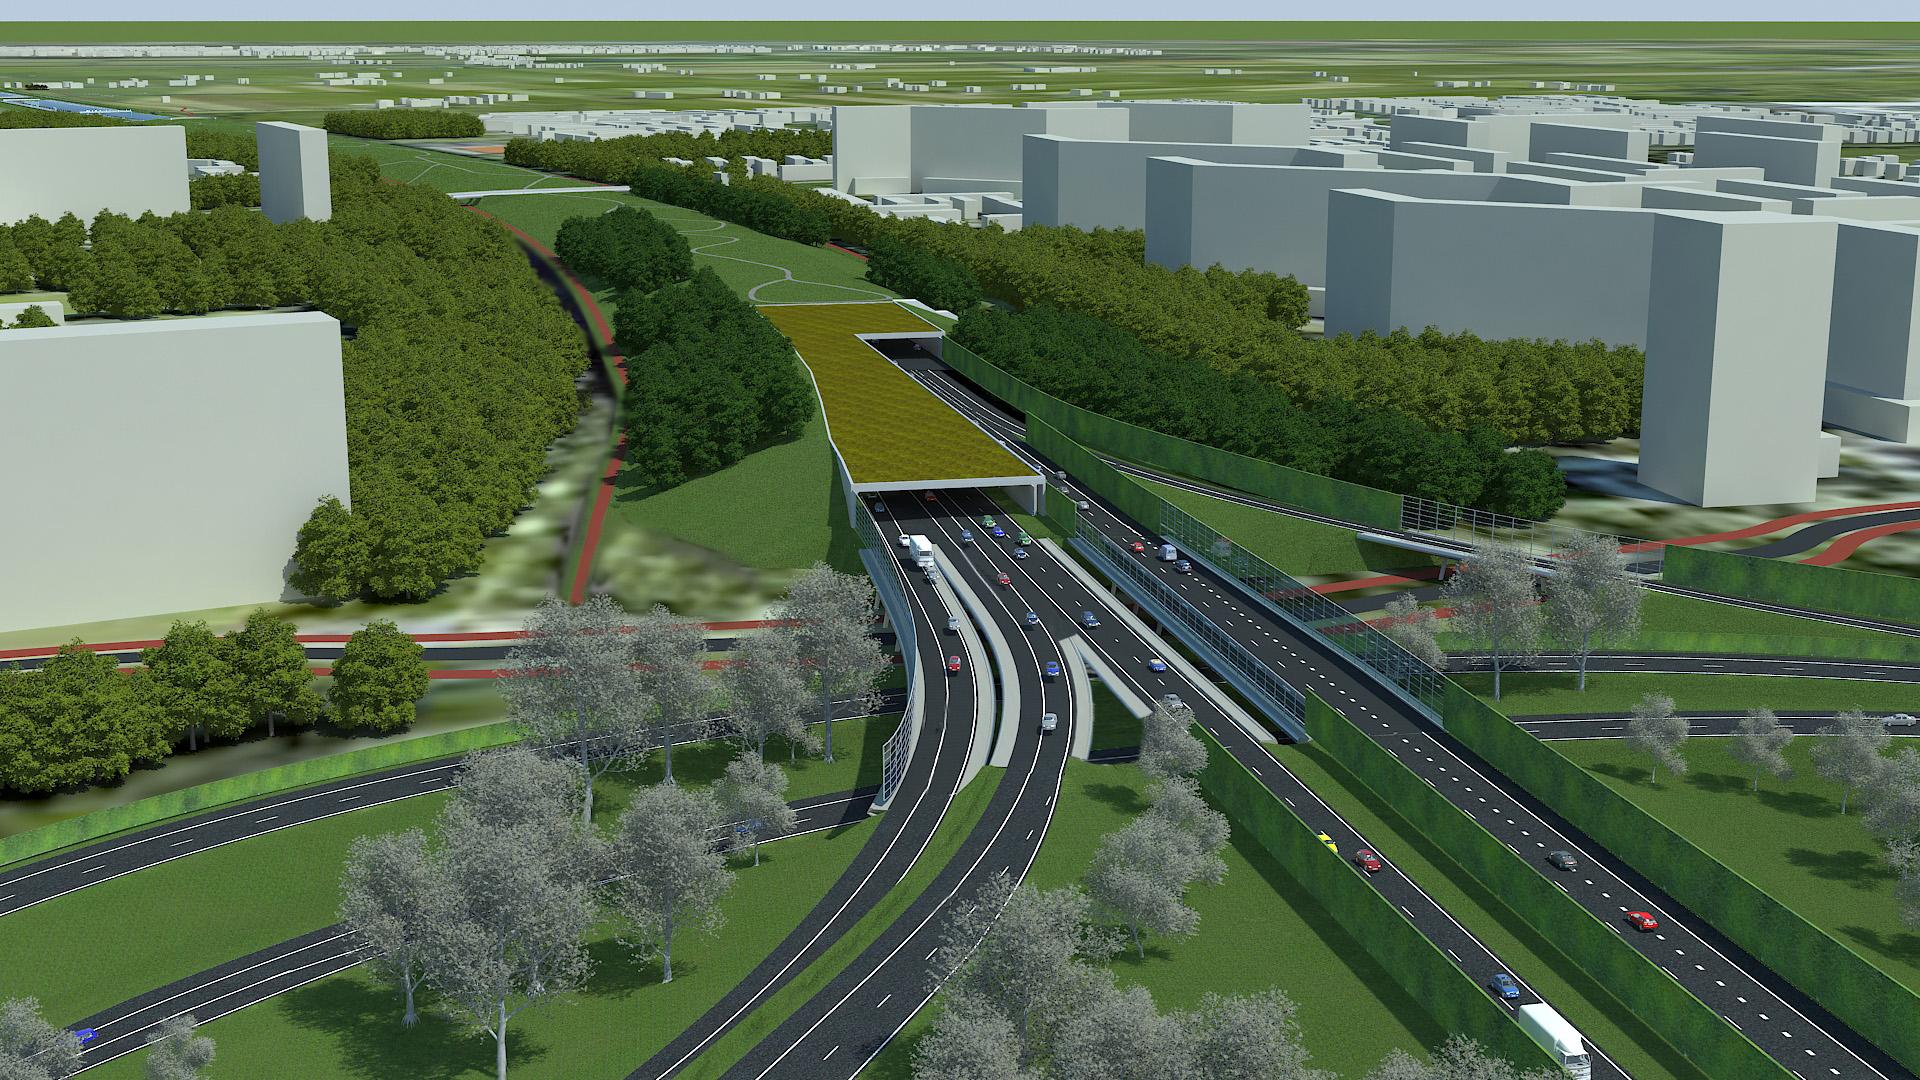 Bestand A4 Delft Schiedam Impressie Zuidelijke Tunnelmond Jpg